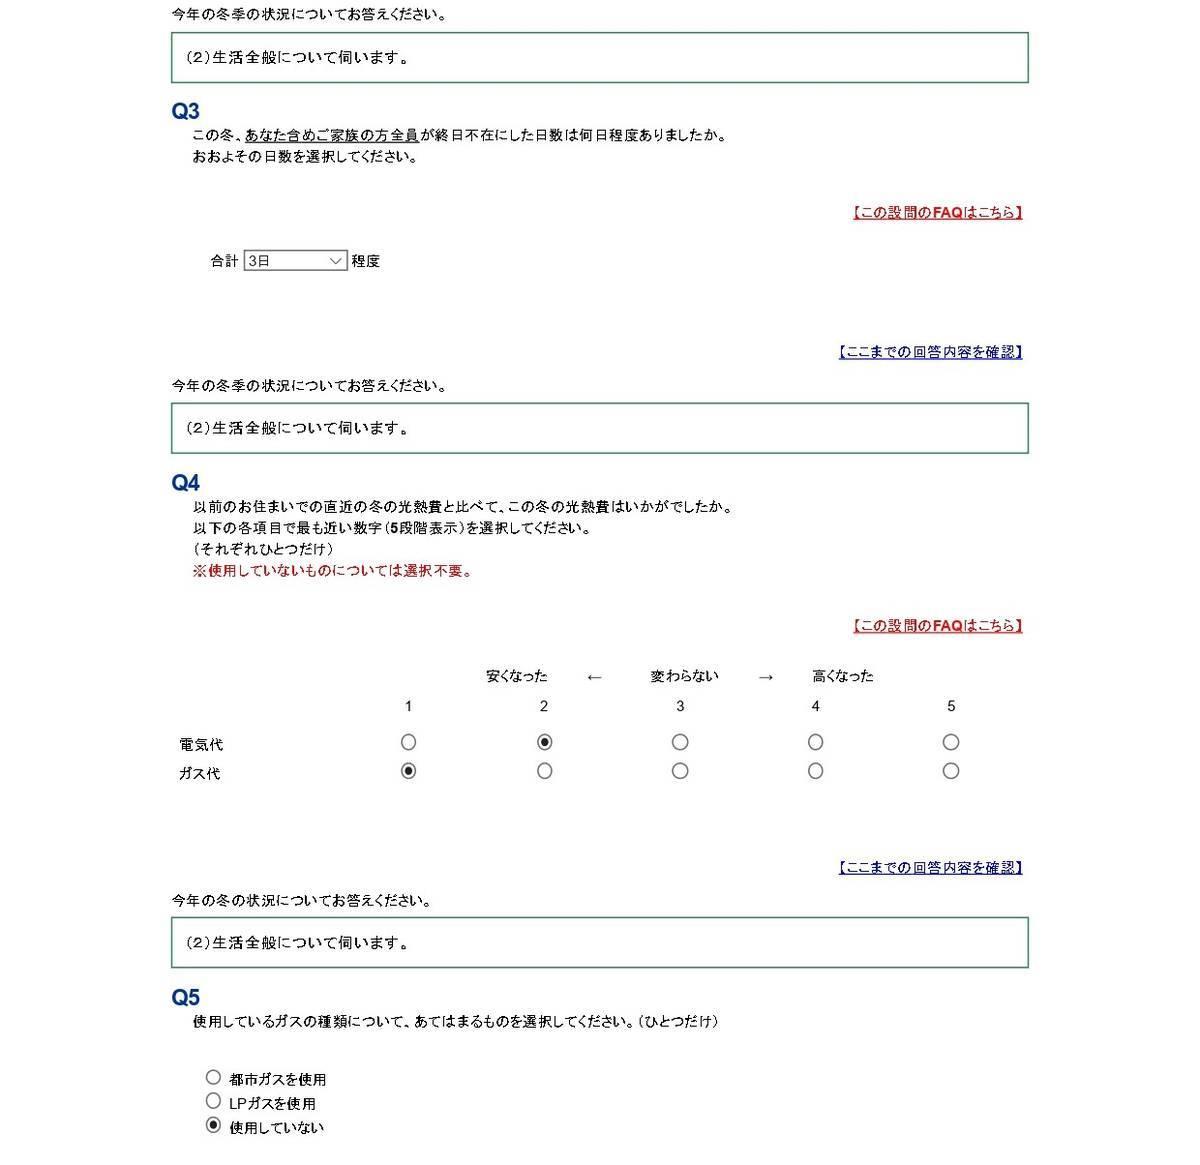 f:id:sekitoba1007:20210508222144j:plain